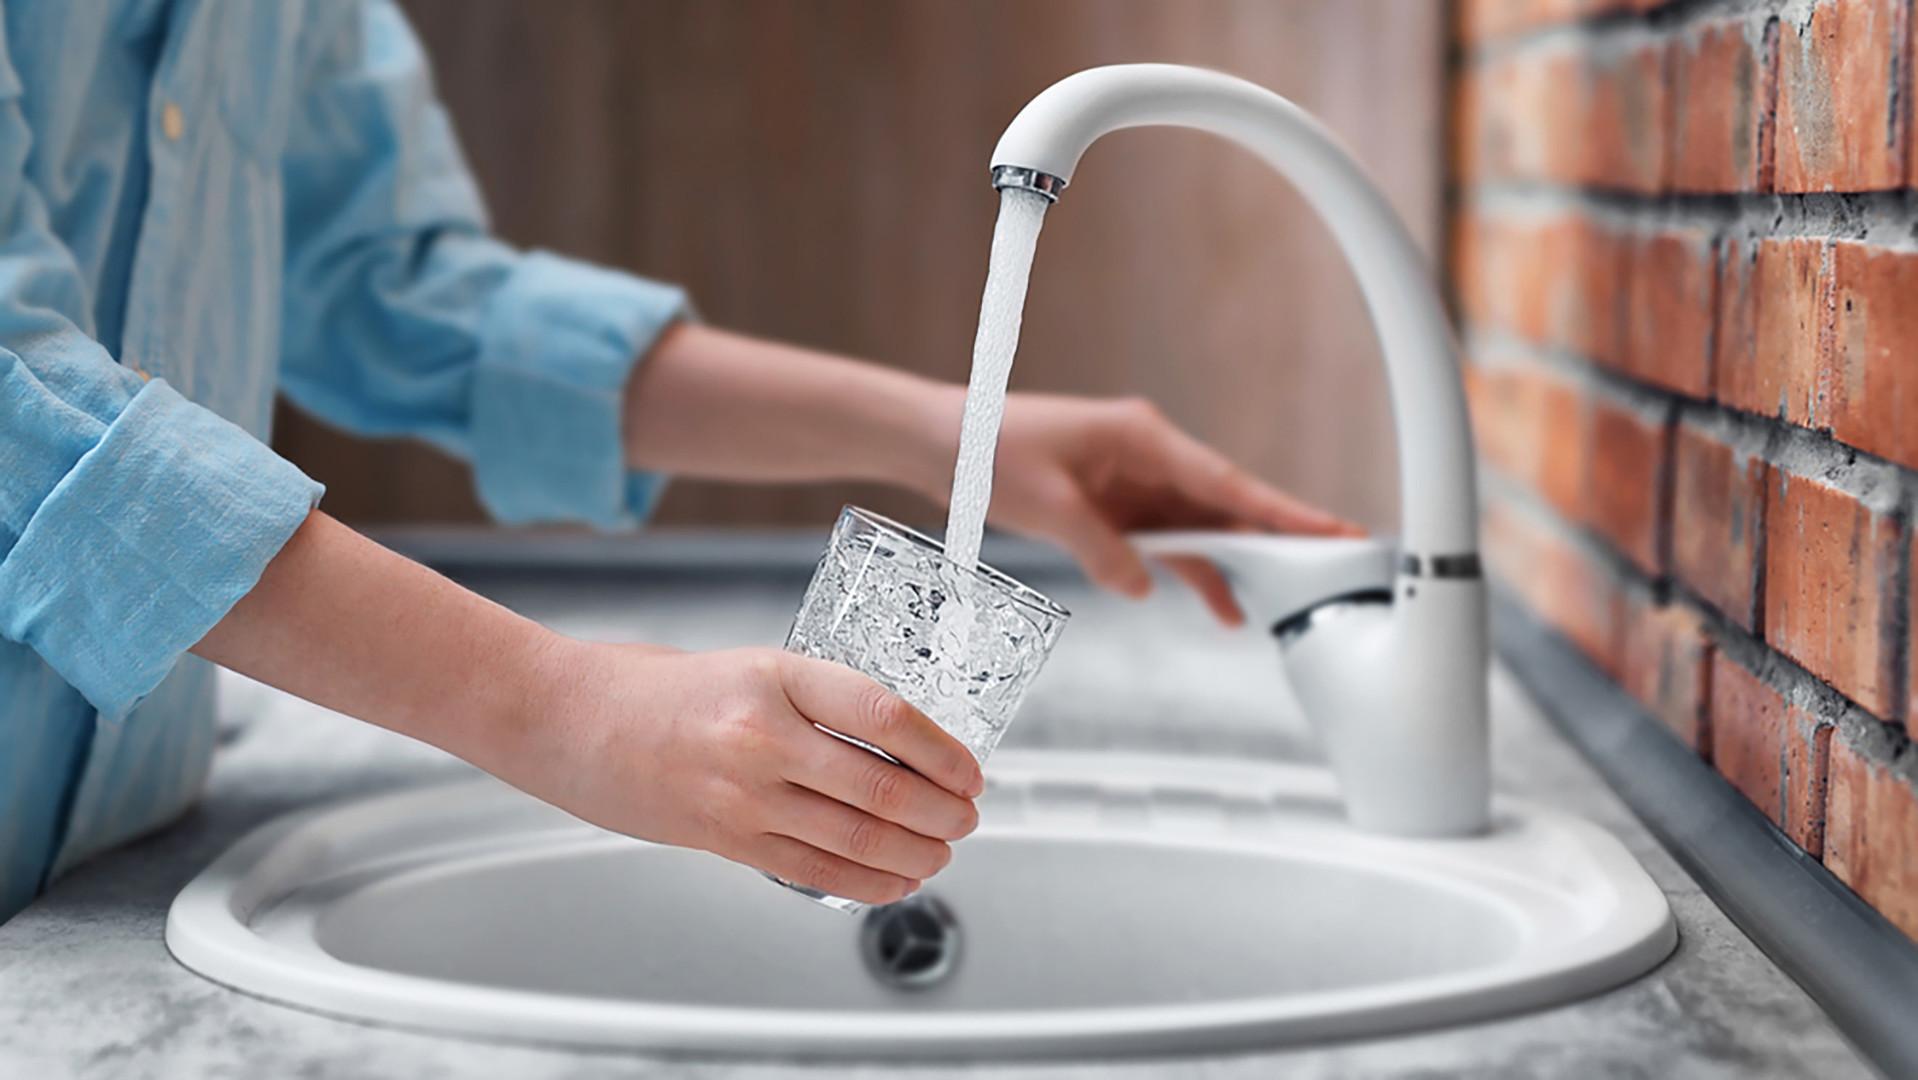 L'acqua del rubinetto? Meglio usarla solo per lavarsi, quella del rubinetto infatti non è potabile